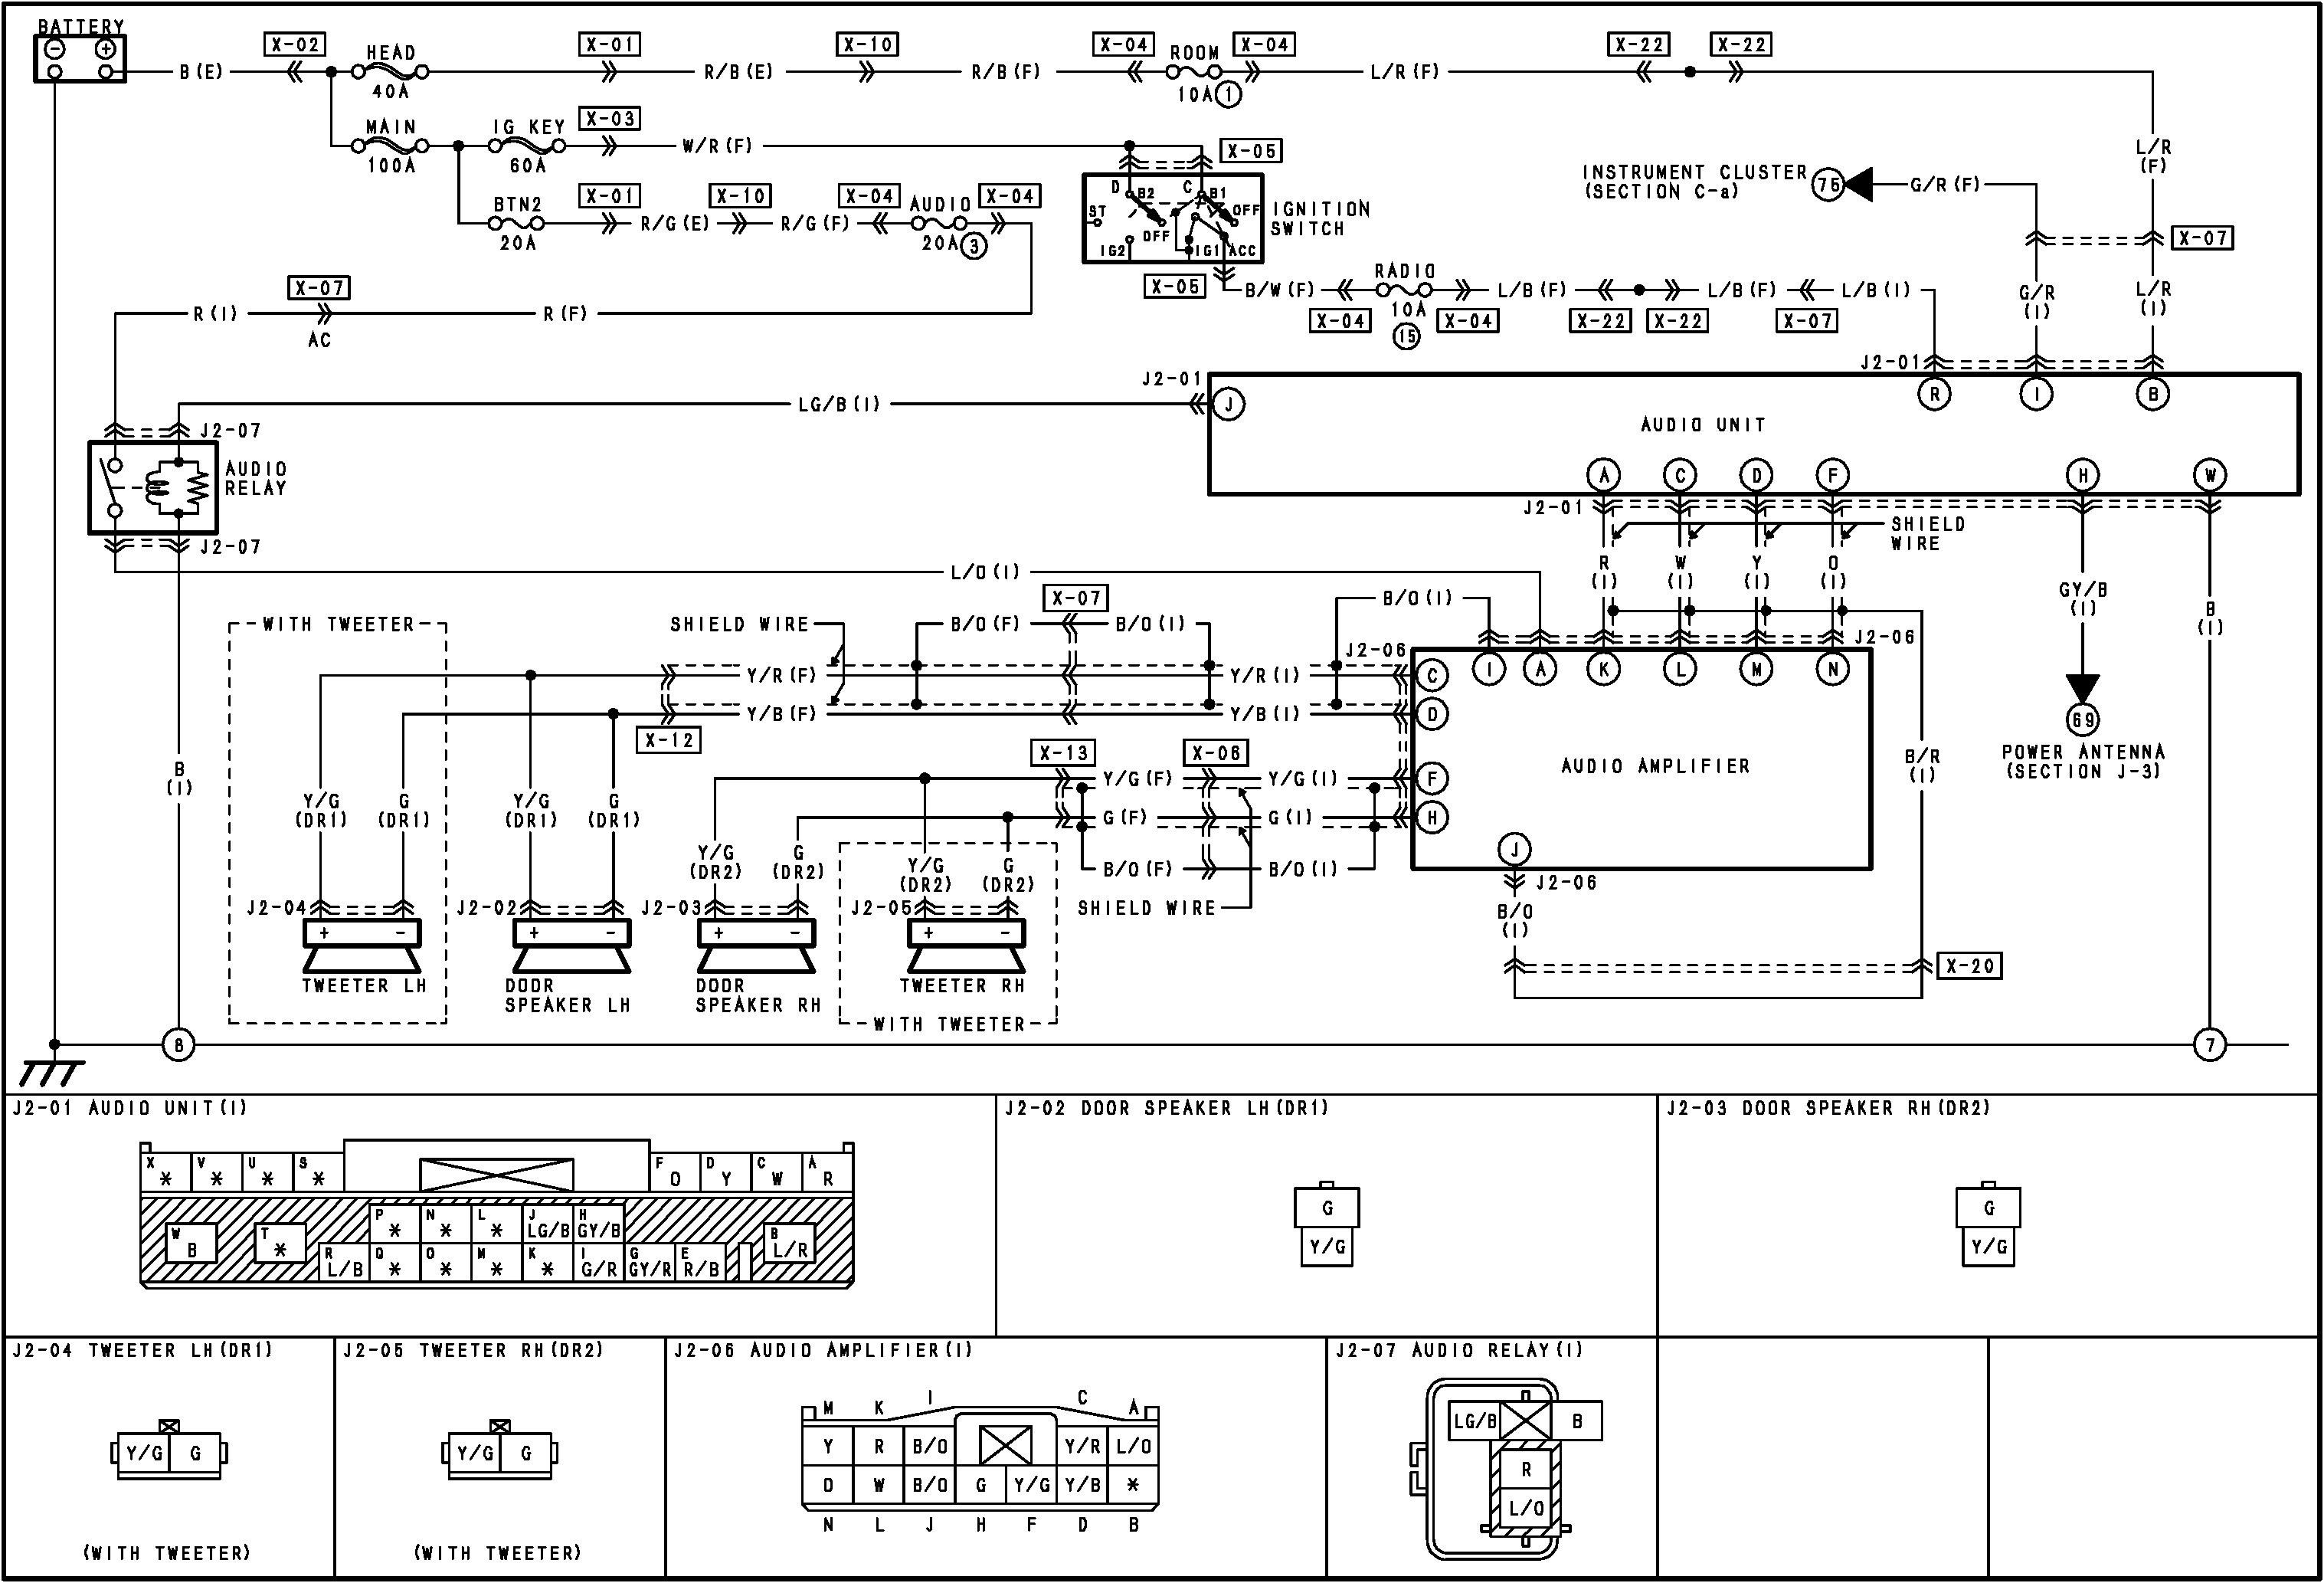 Mazda 3 Horn Wiring Diagram | Free Wiring Diagram on mazda b2200 gauge cluster diagram, mazda fuses, mazda engine, mazda cooling system, mazda 3 relay diagram, mazda exhaust, mazda manual transmission, mazda parts, mazda battery, mazda wiring color codes, mazda alternator wiring, mazda miata radio wiring, mazda accessories, mazda brakes,